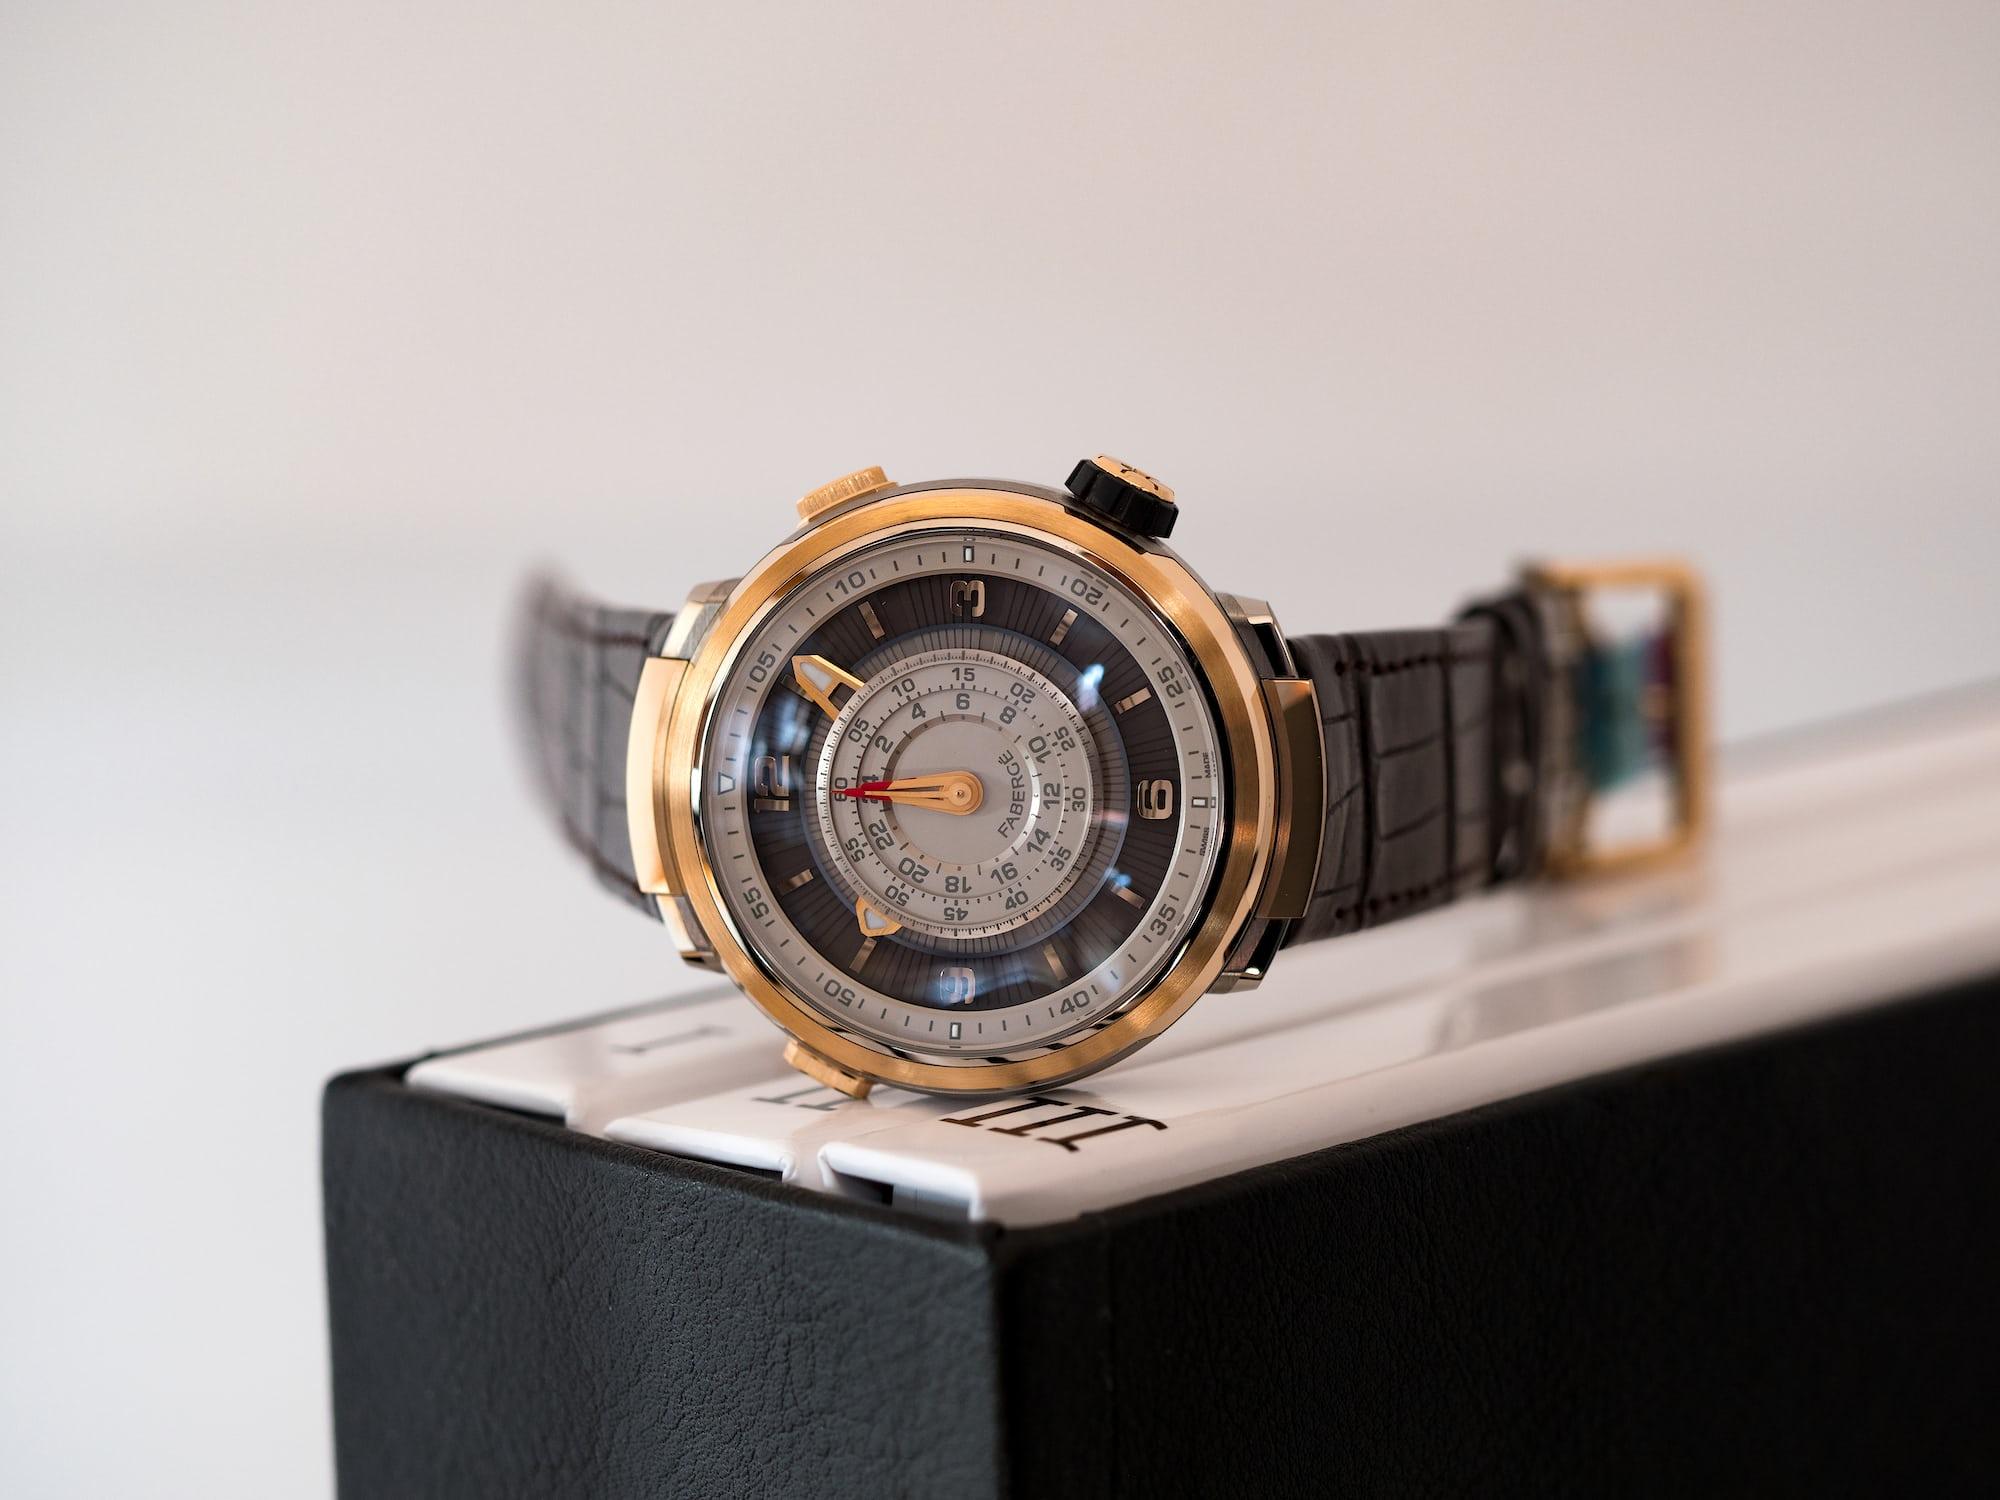 Fabergé Visionnaire Chronograph, dial side, hands set to zero.